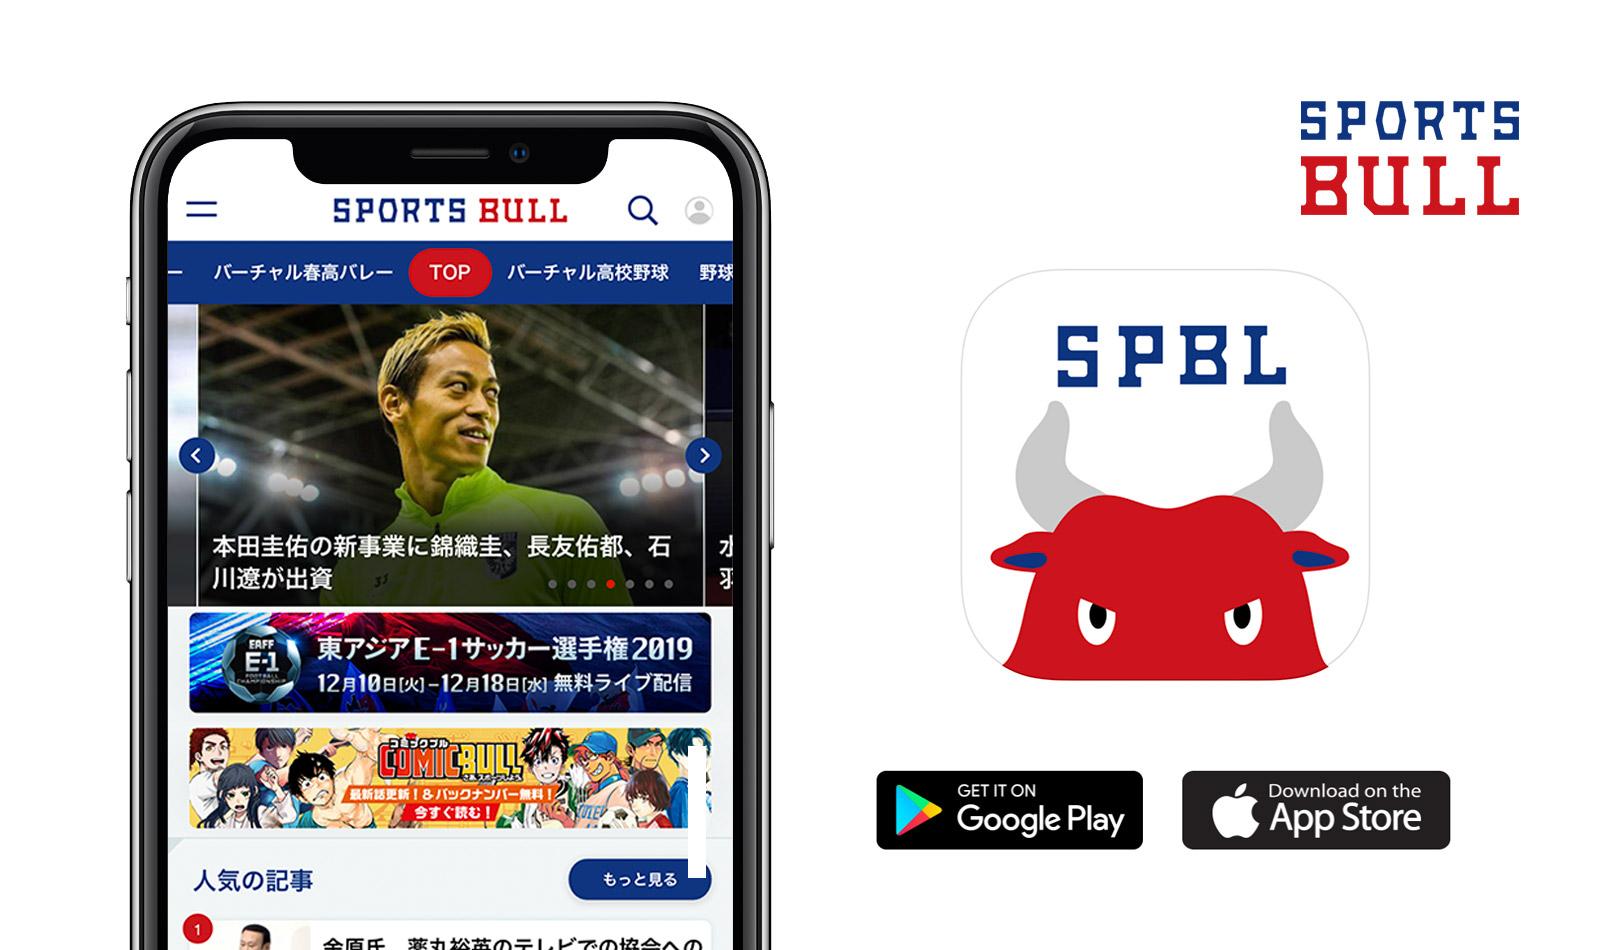 スポーツブルのアプリ開発